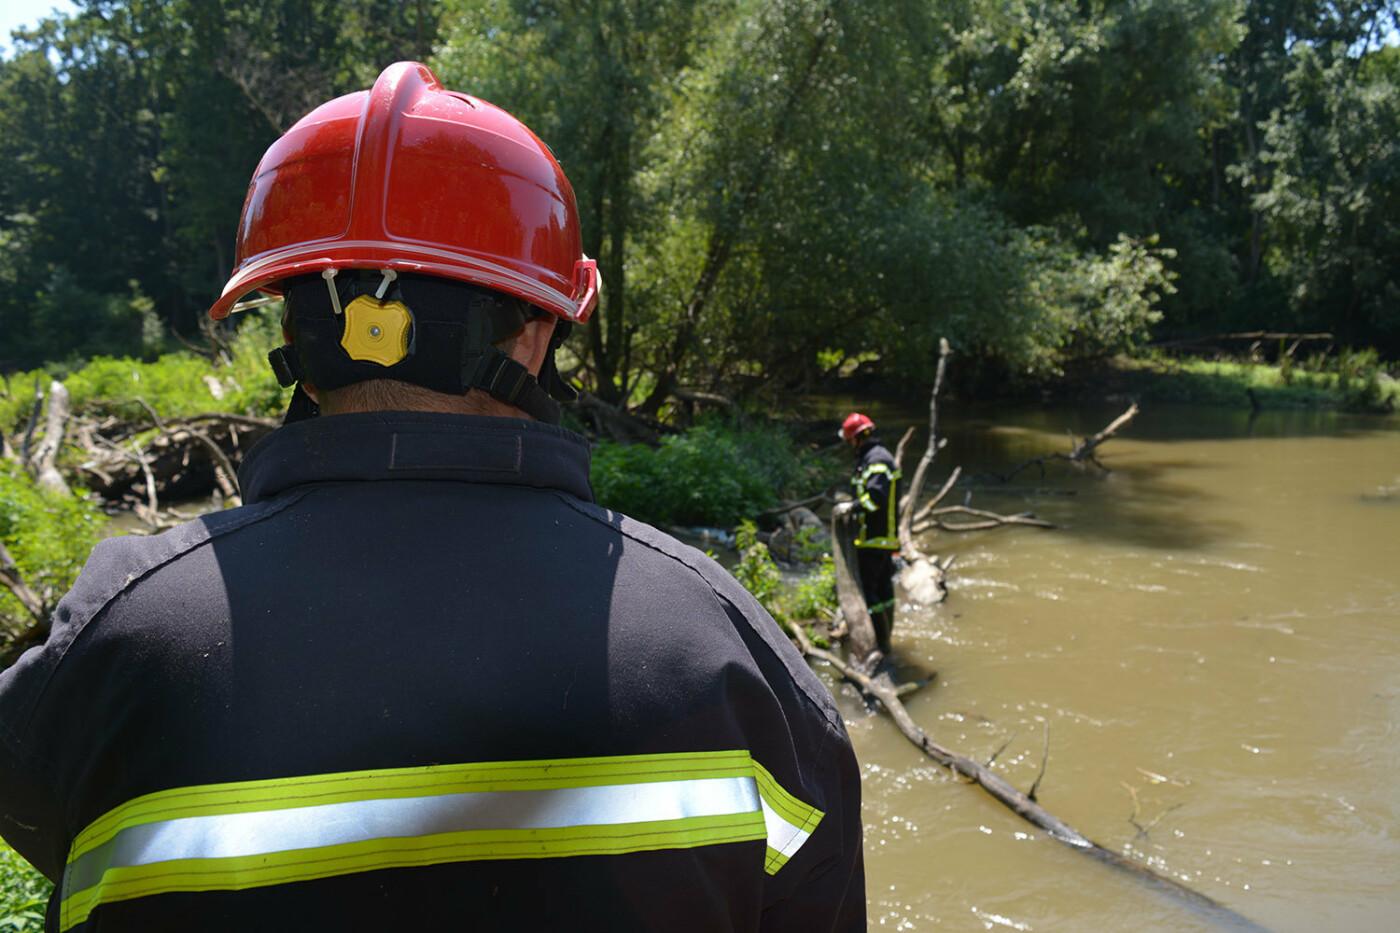 Наслідки паводків: на Закарпатті рятувальники розчищають річку Латорицю від сміттєвих заторів, фото-2